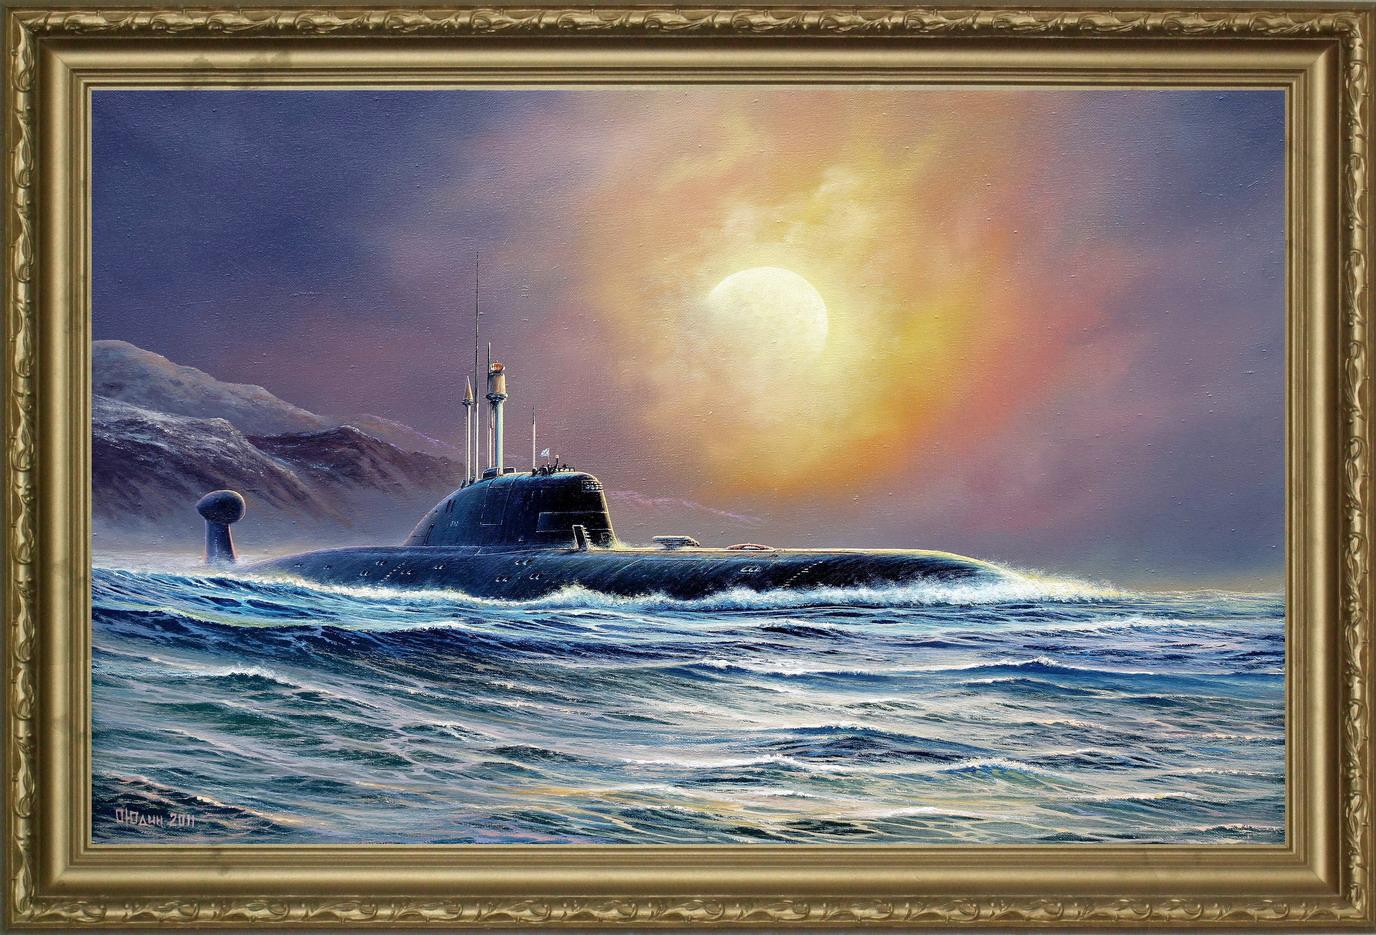 постер с подводной лодкой